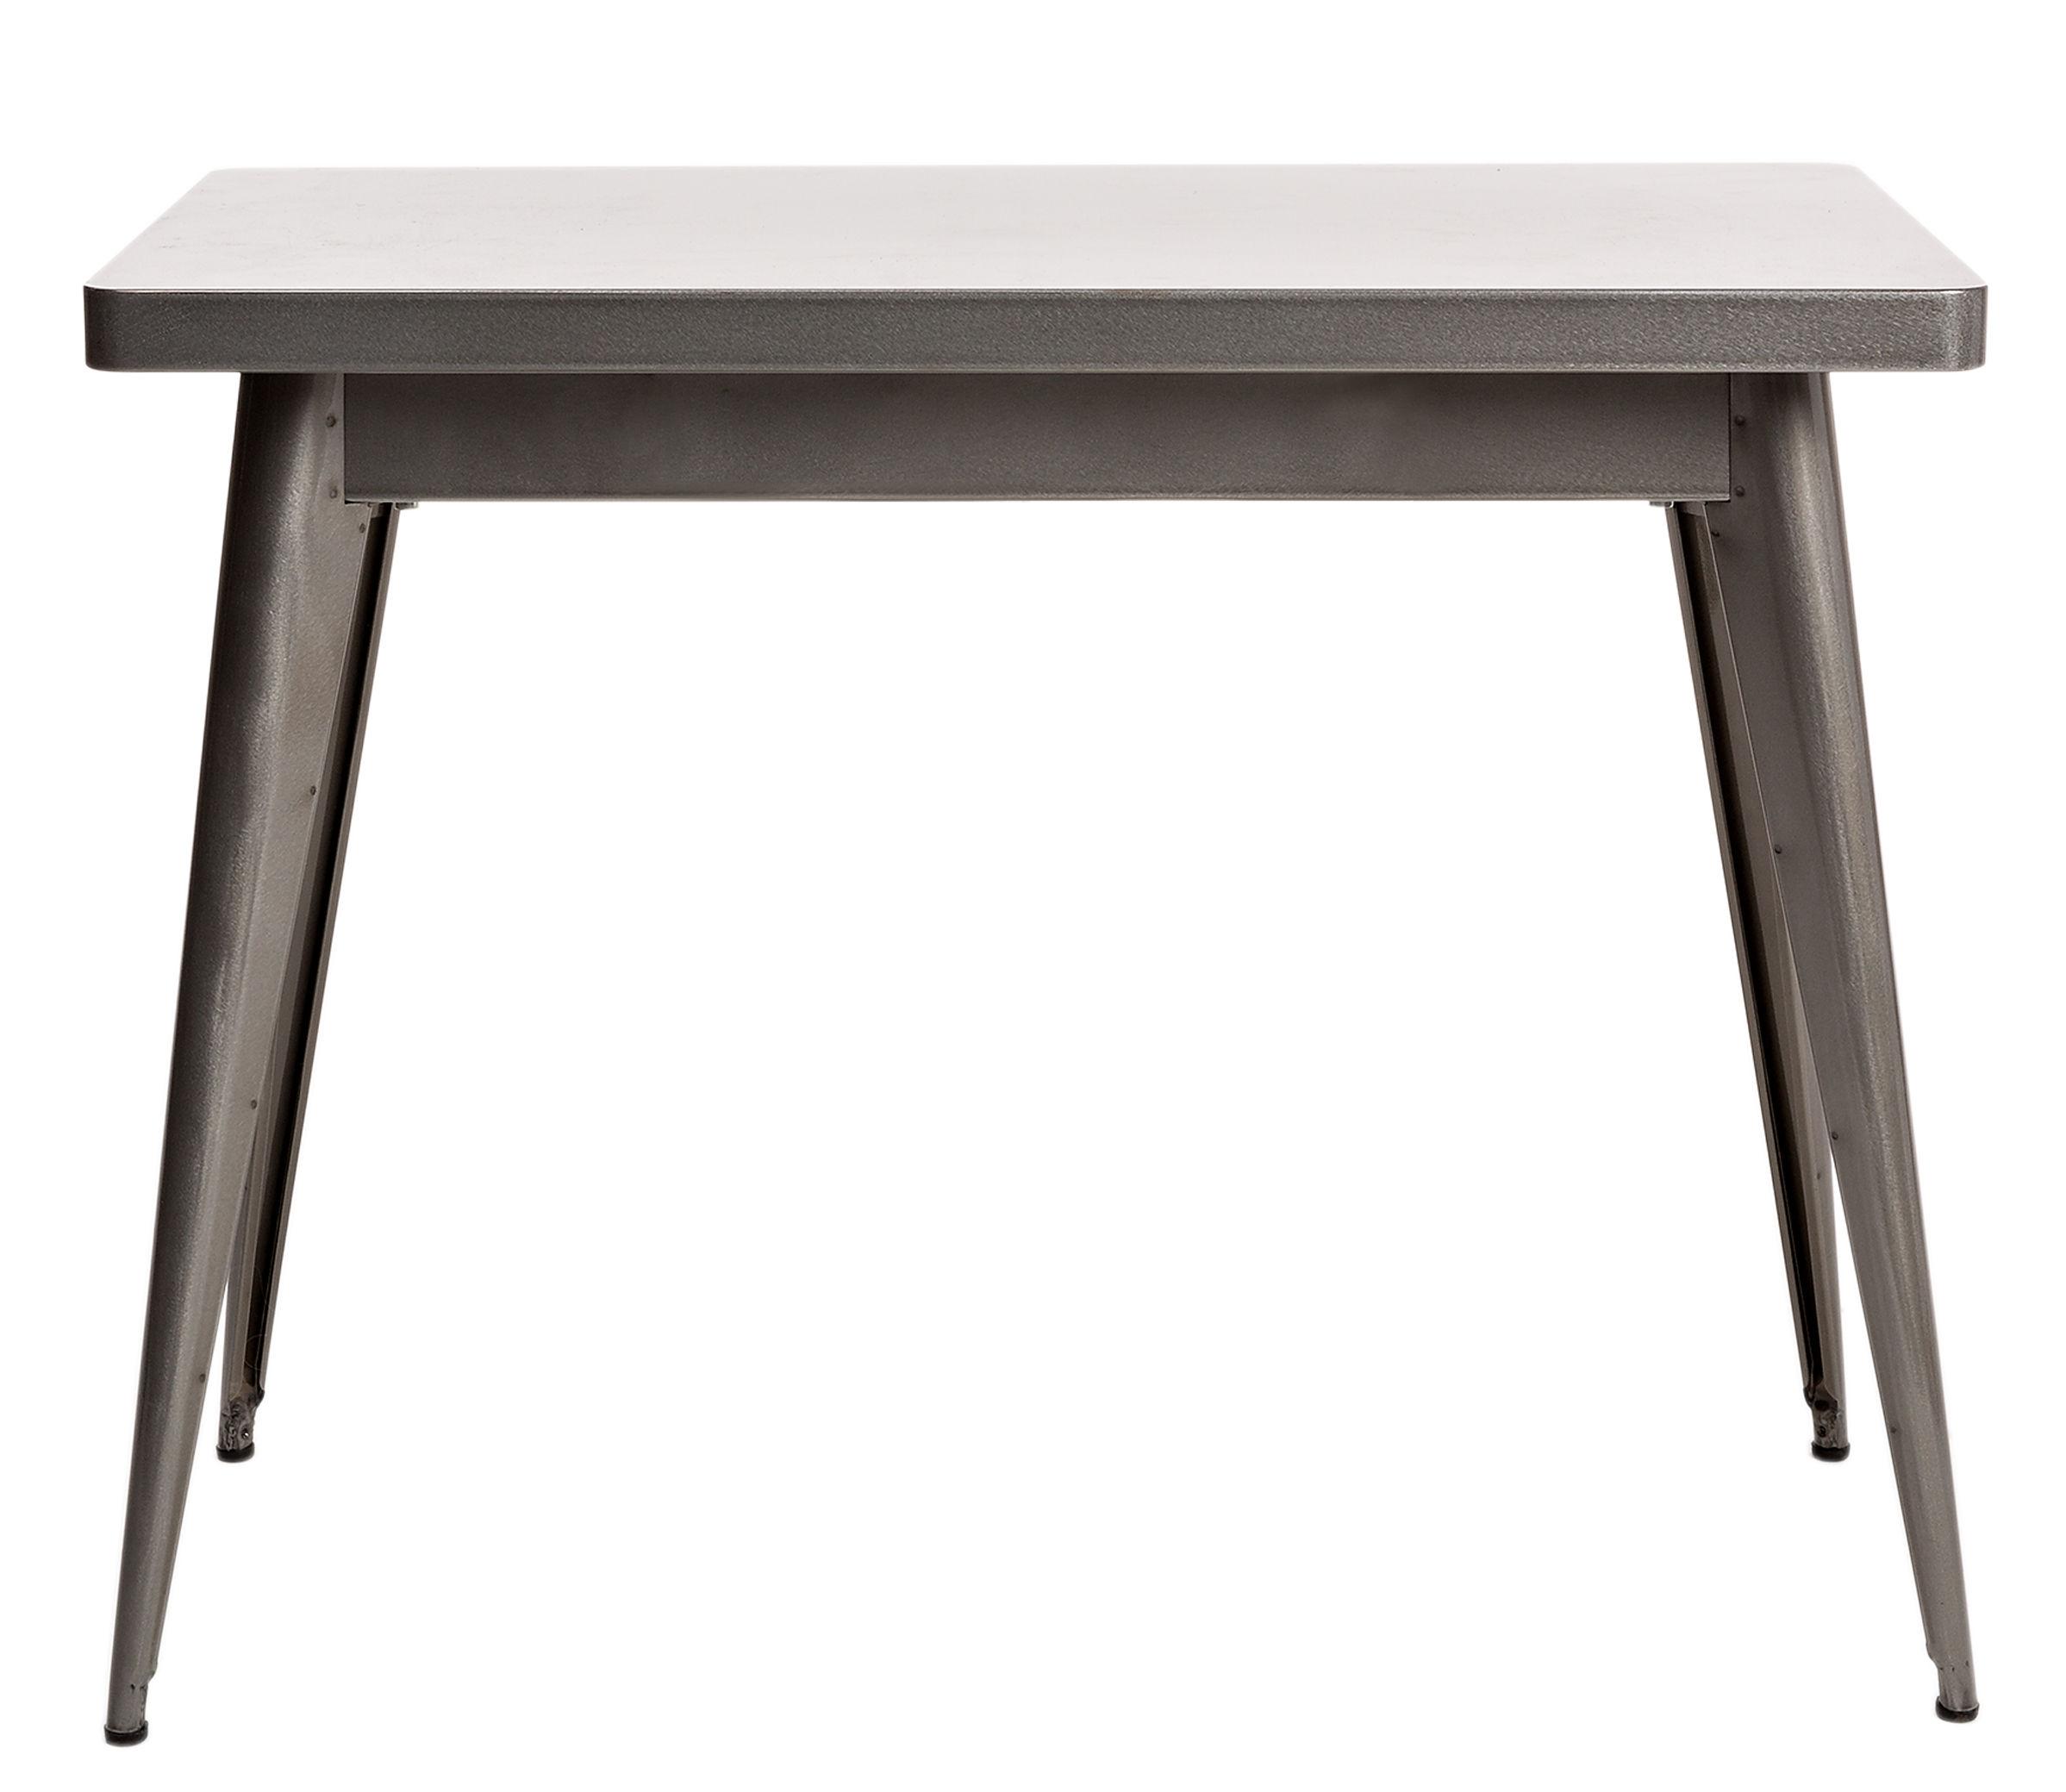 Möbel - Konsole - 55 Konsole / ohne Schublade - Tolix - Ohne Schublade / Rohstahl, glänzend - Acier brut verni brillant